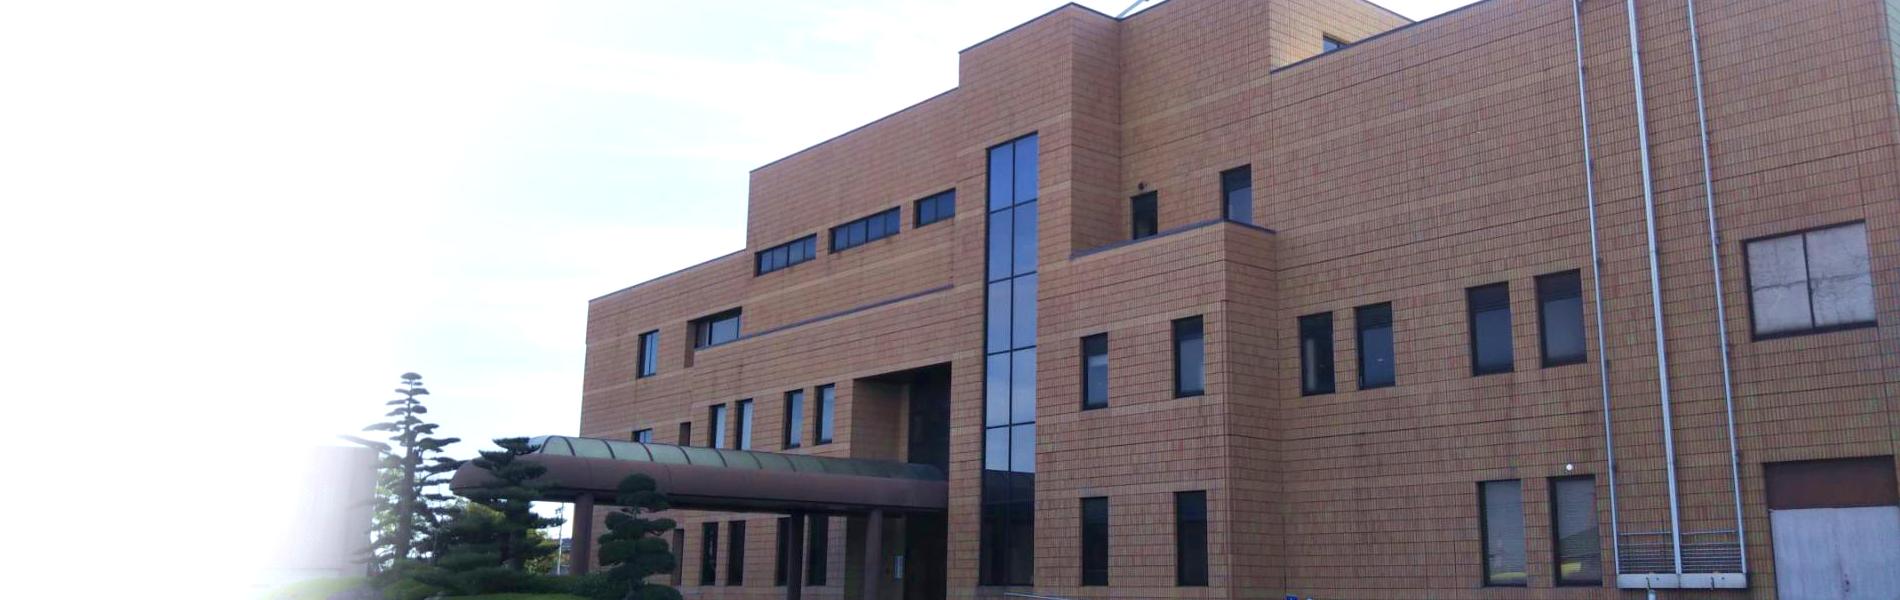 海部南部権利擁護センター